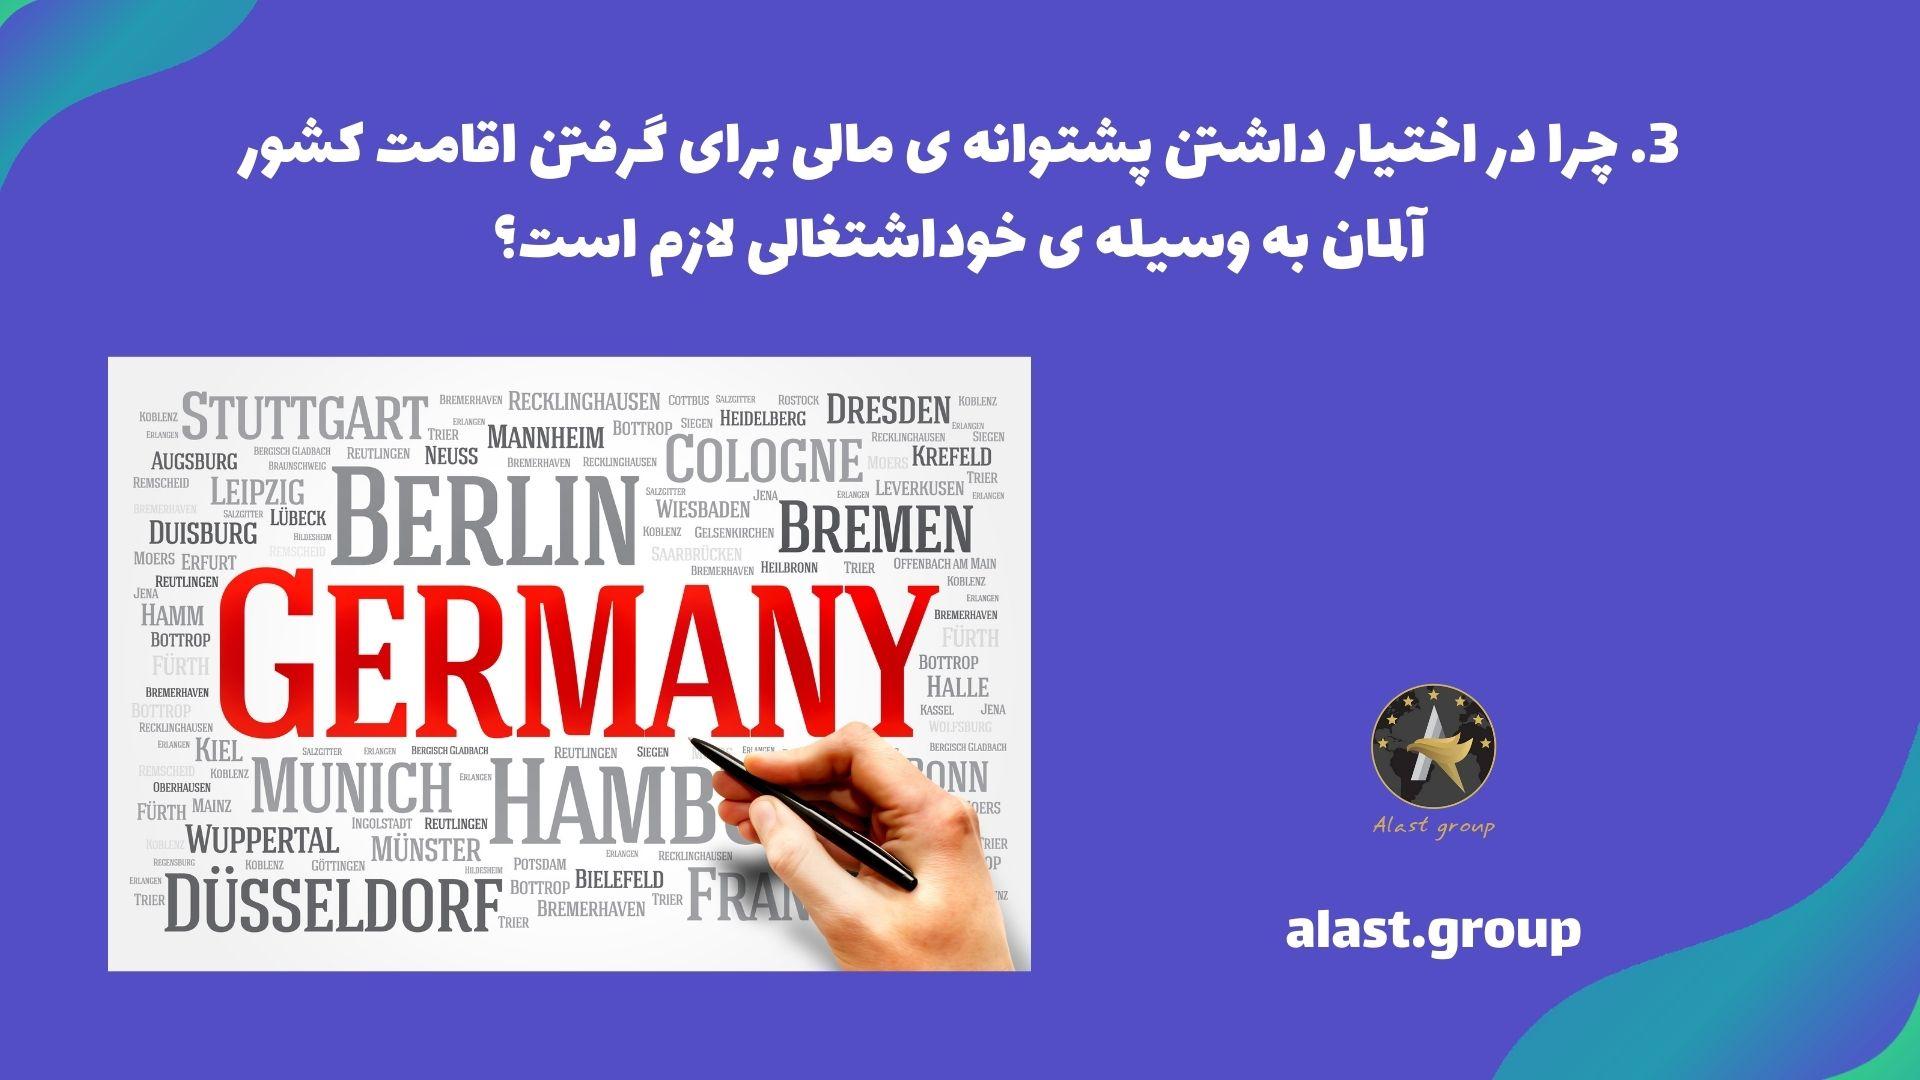 چرا در اختیار داشتن پشتوانه ی مالی برای گرفتن اقامت کشور آلمان به وسیله ی خوداشتغالی لازم است؟